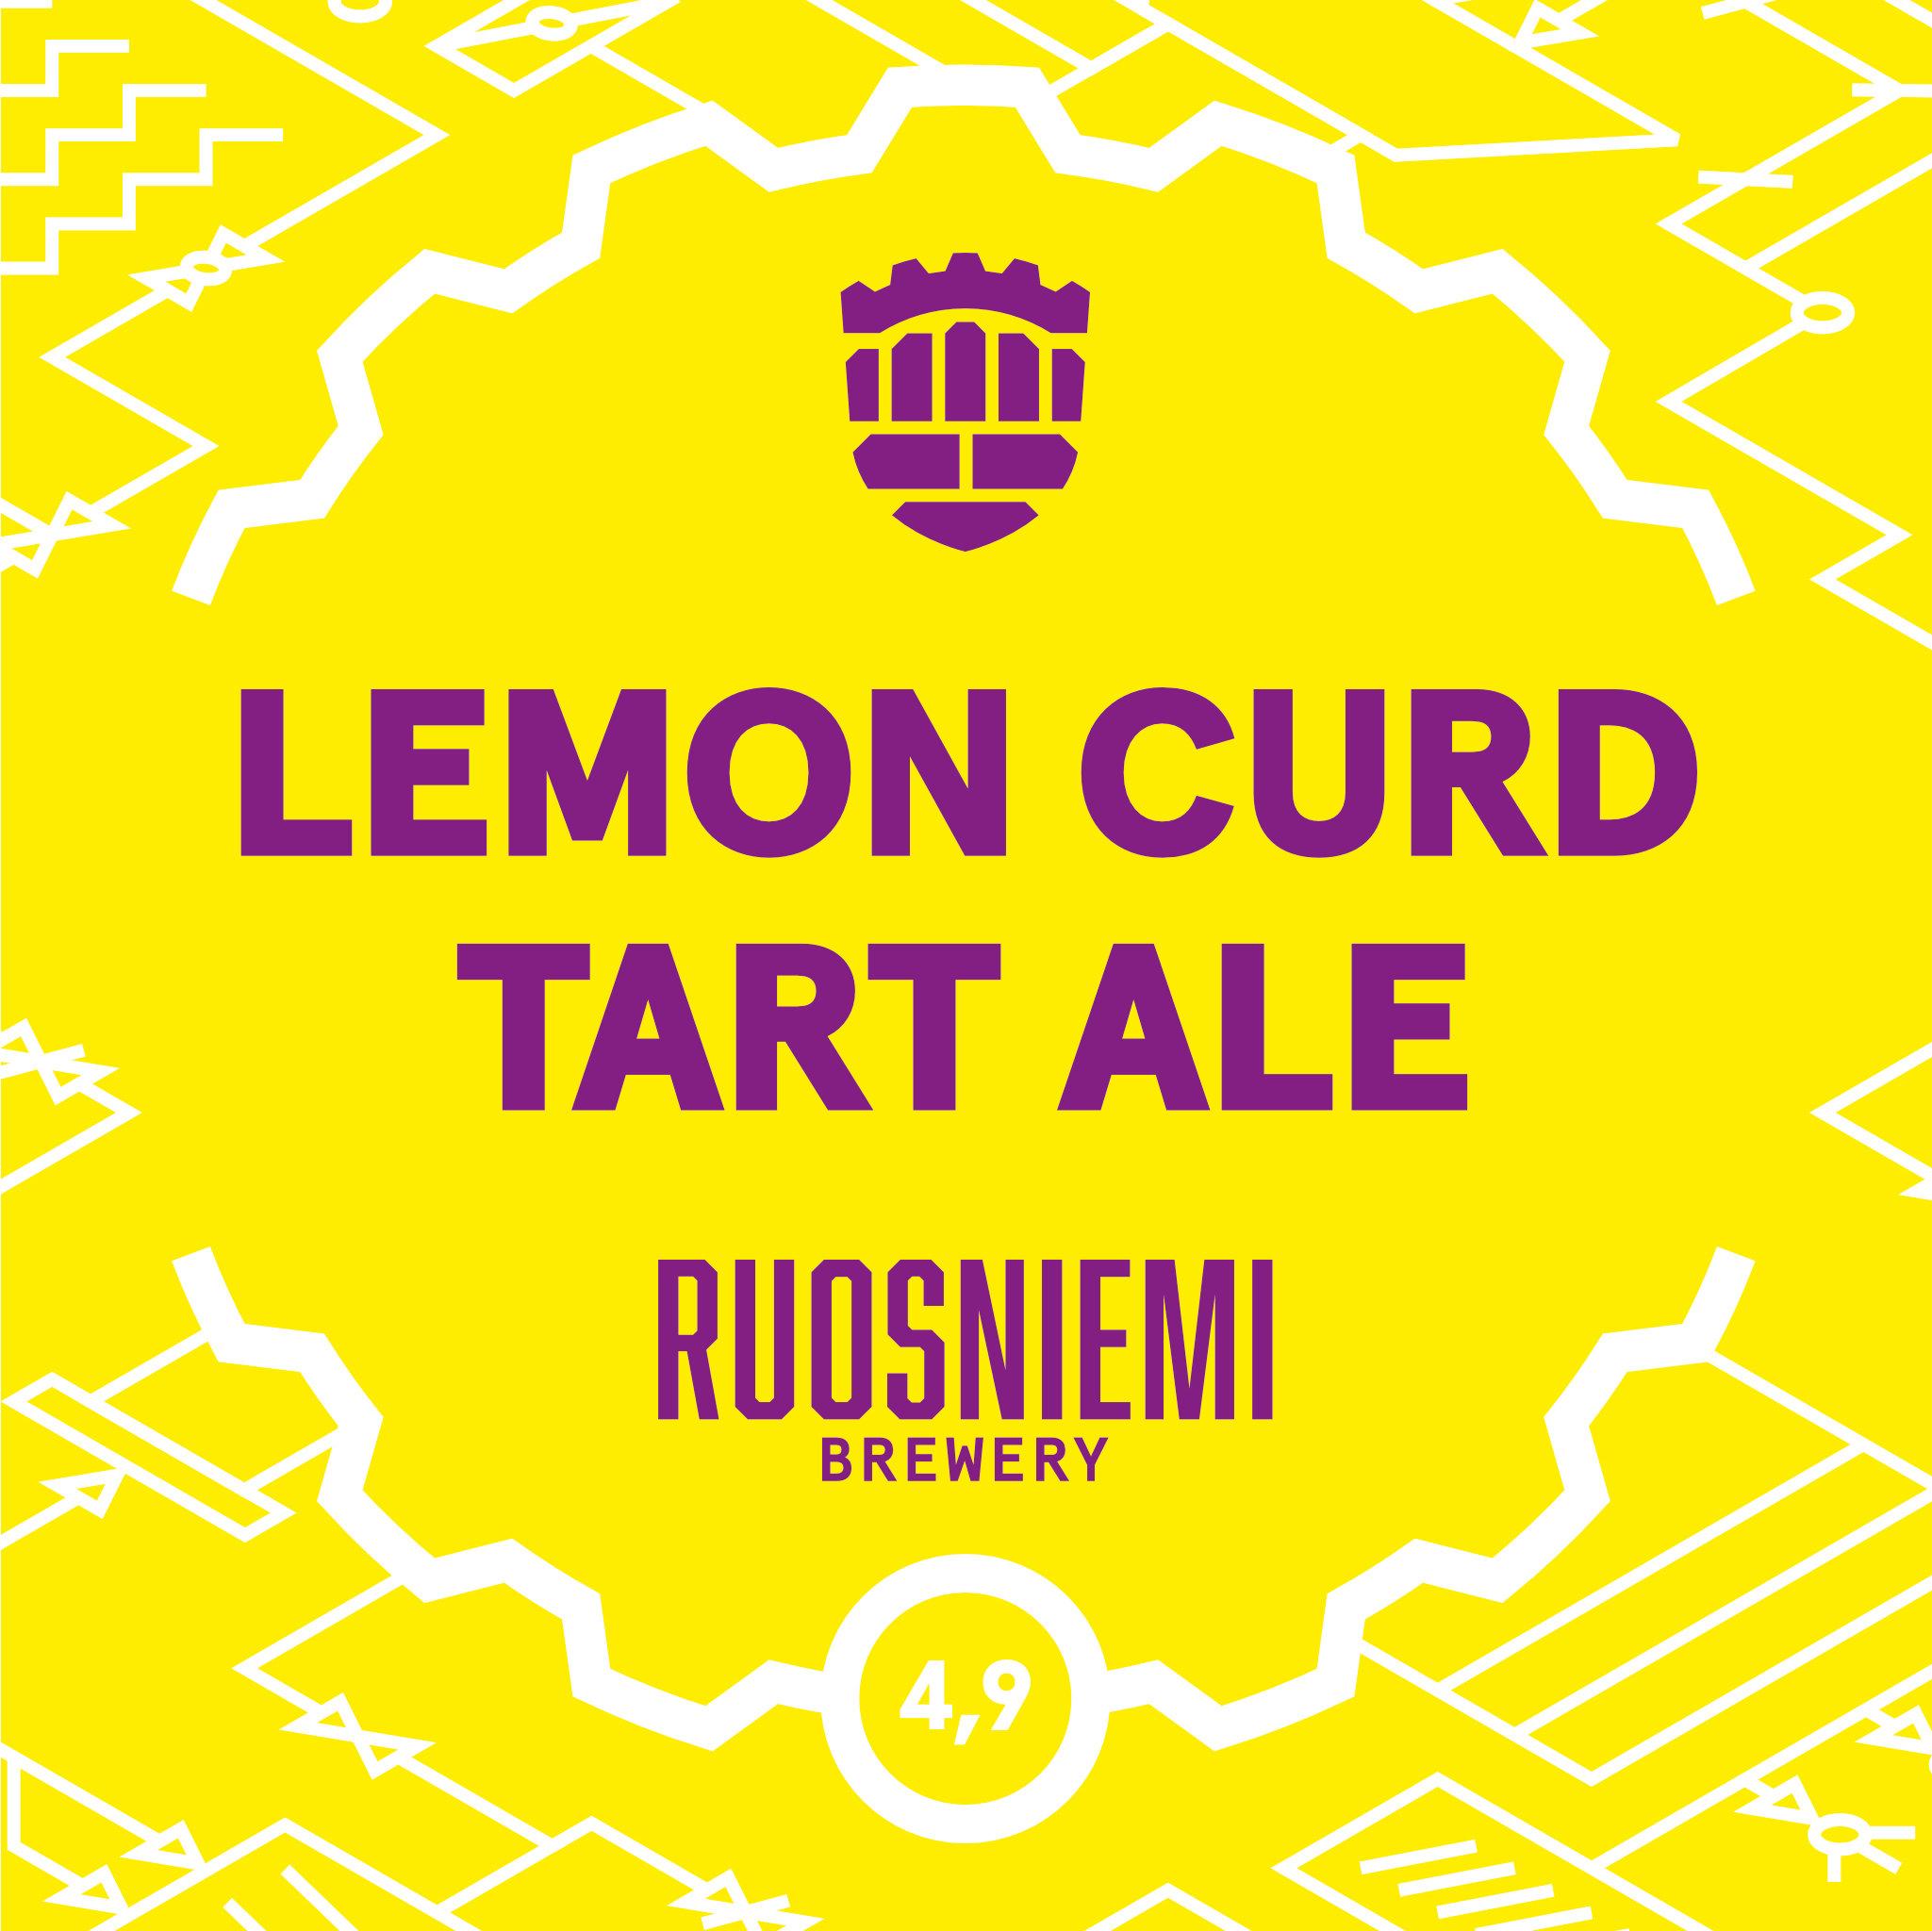 Hki - Lemon Curd Tart Ale 0,33l 4,9% tlk